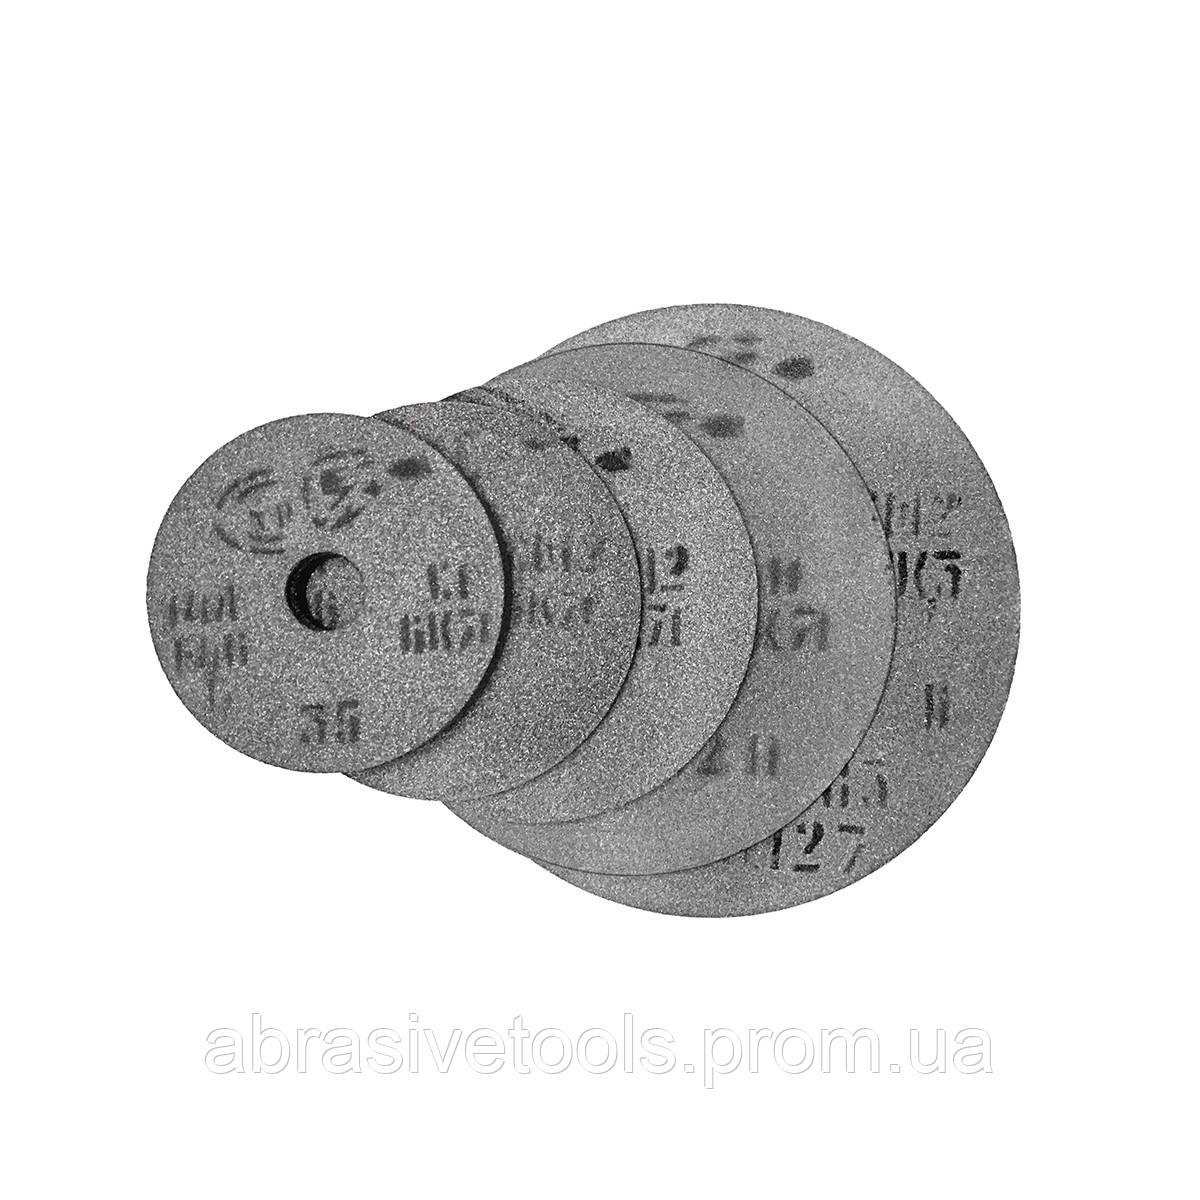 Круг шлифовальный 63х20х20  F46 СT1 ЗАК керамика